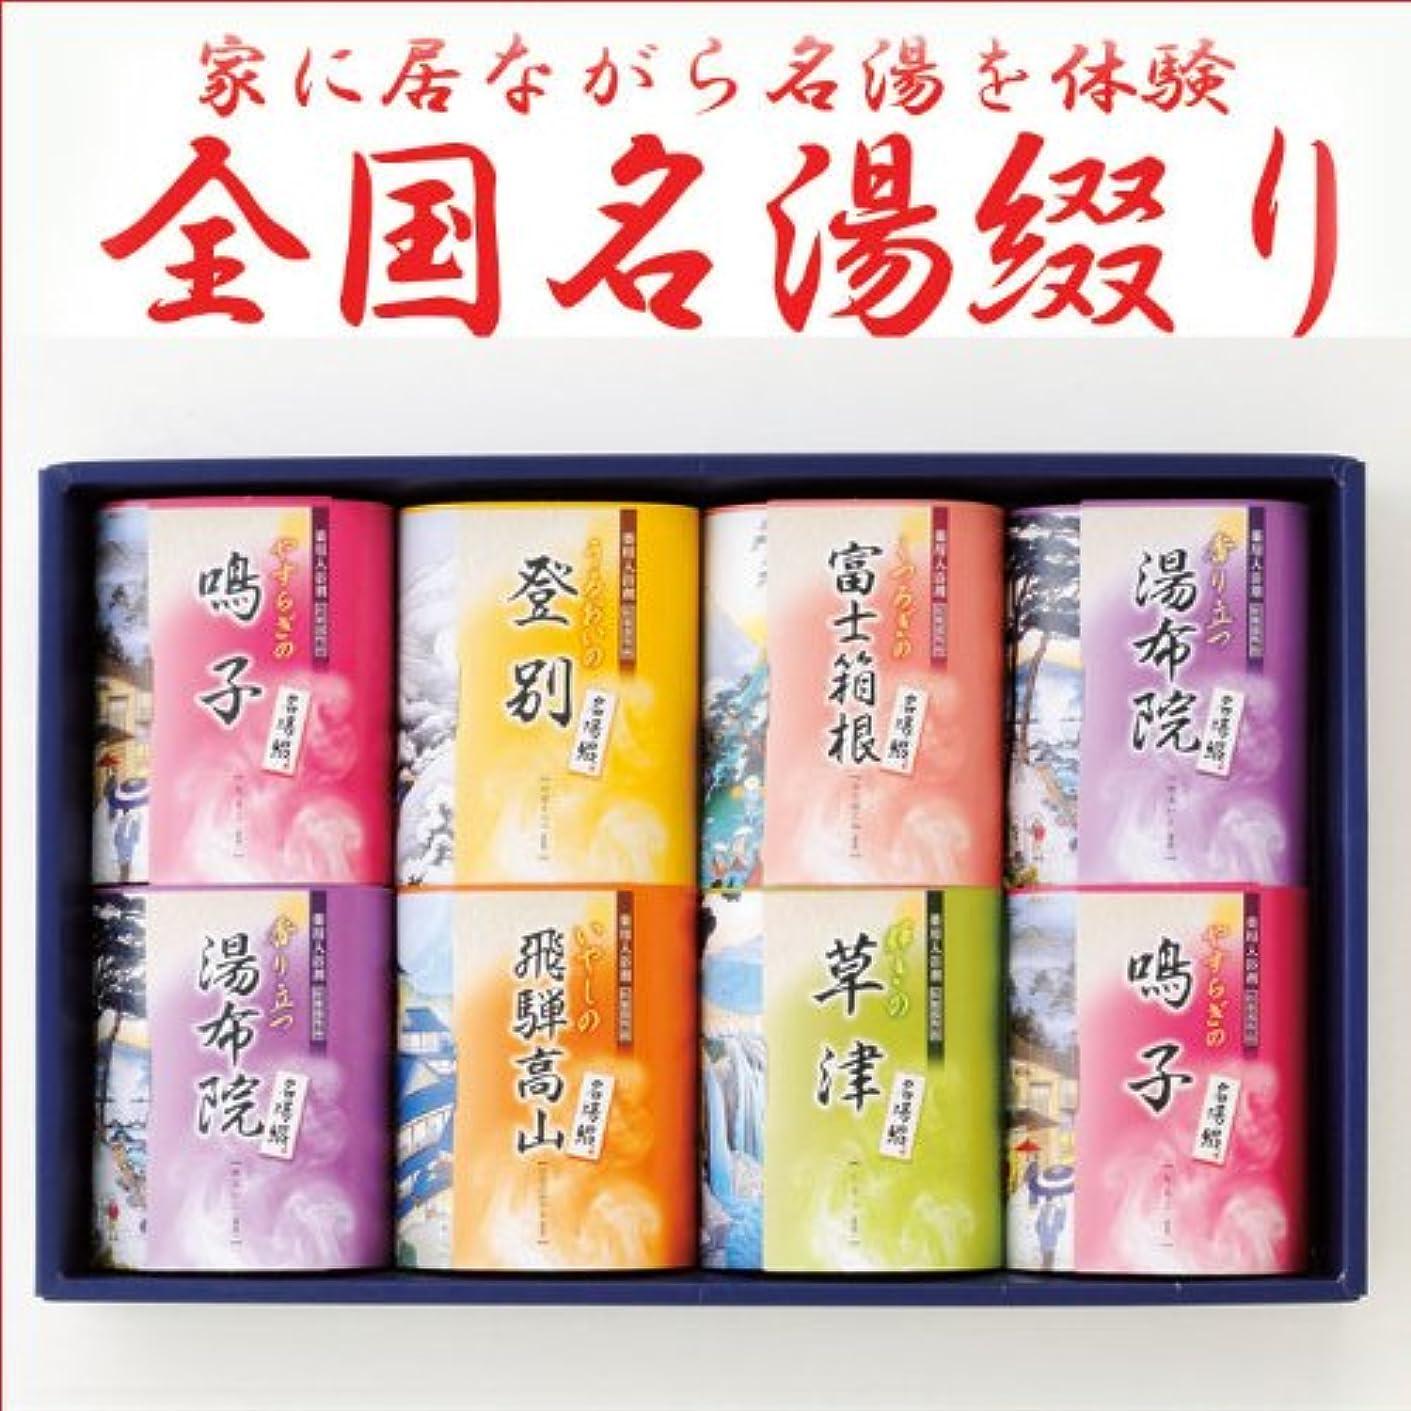 アンドリューハリディ素晴らしい良い多くの告白日本全国名湯の温泉巡り入浴剤ギフトセット